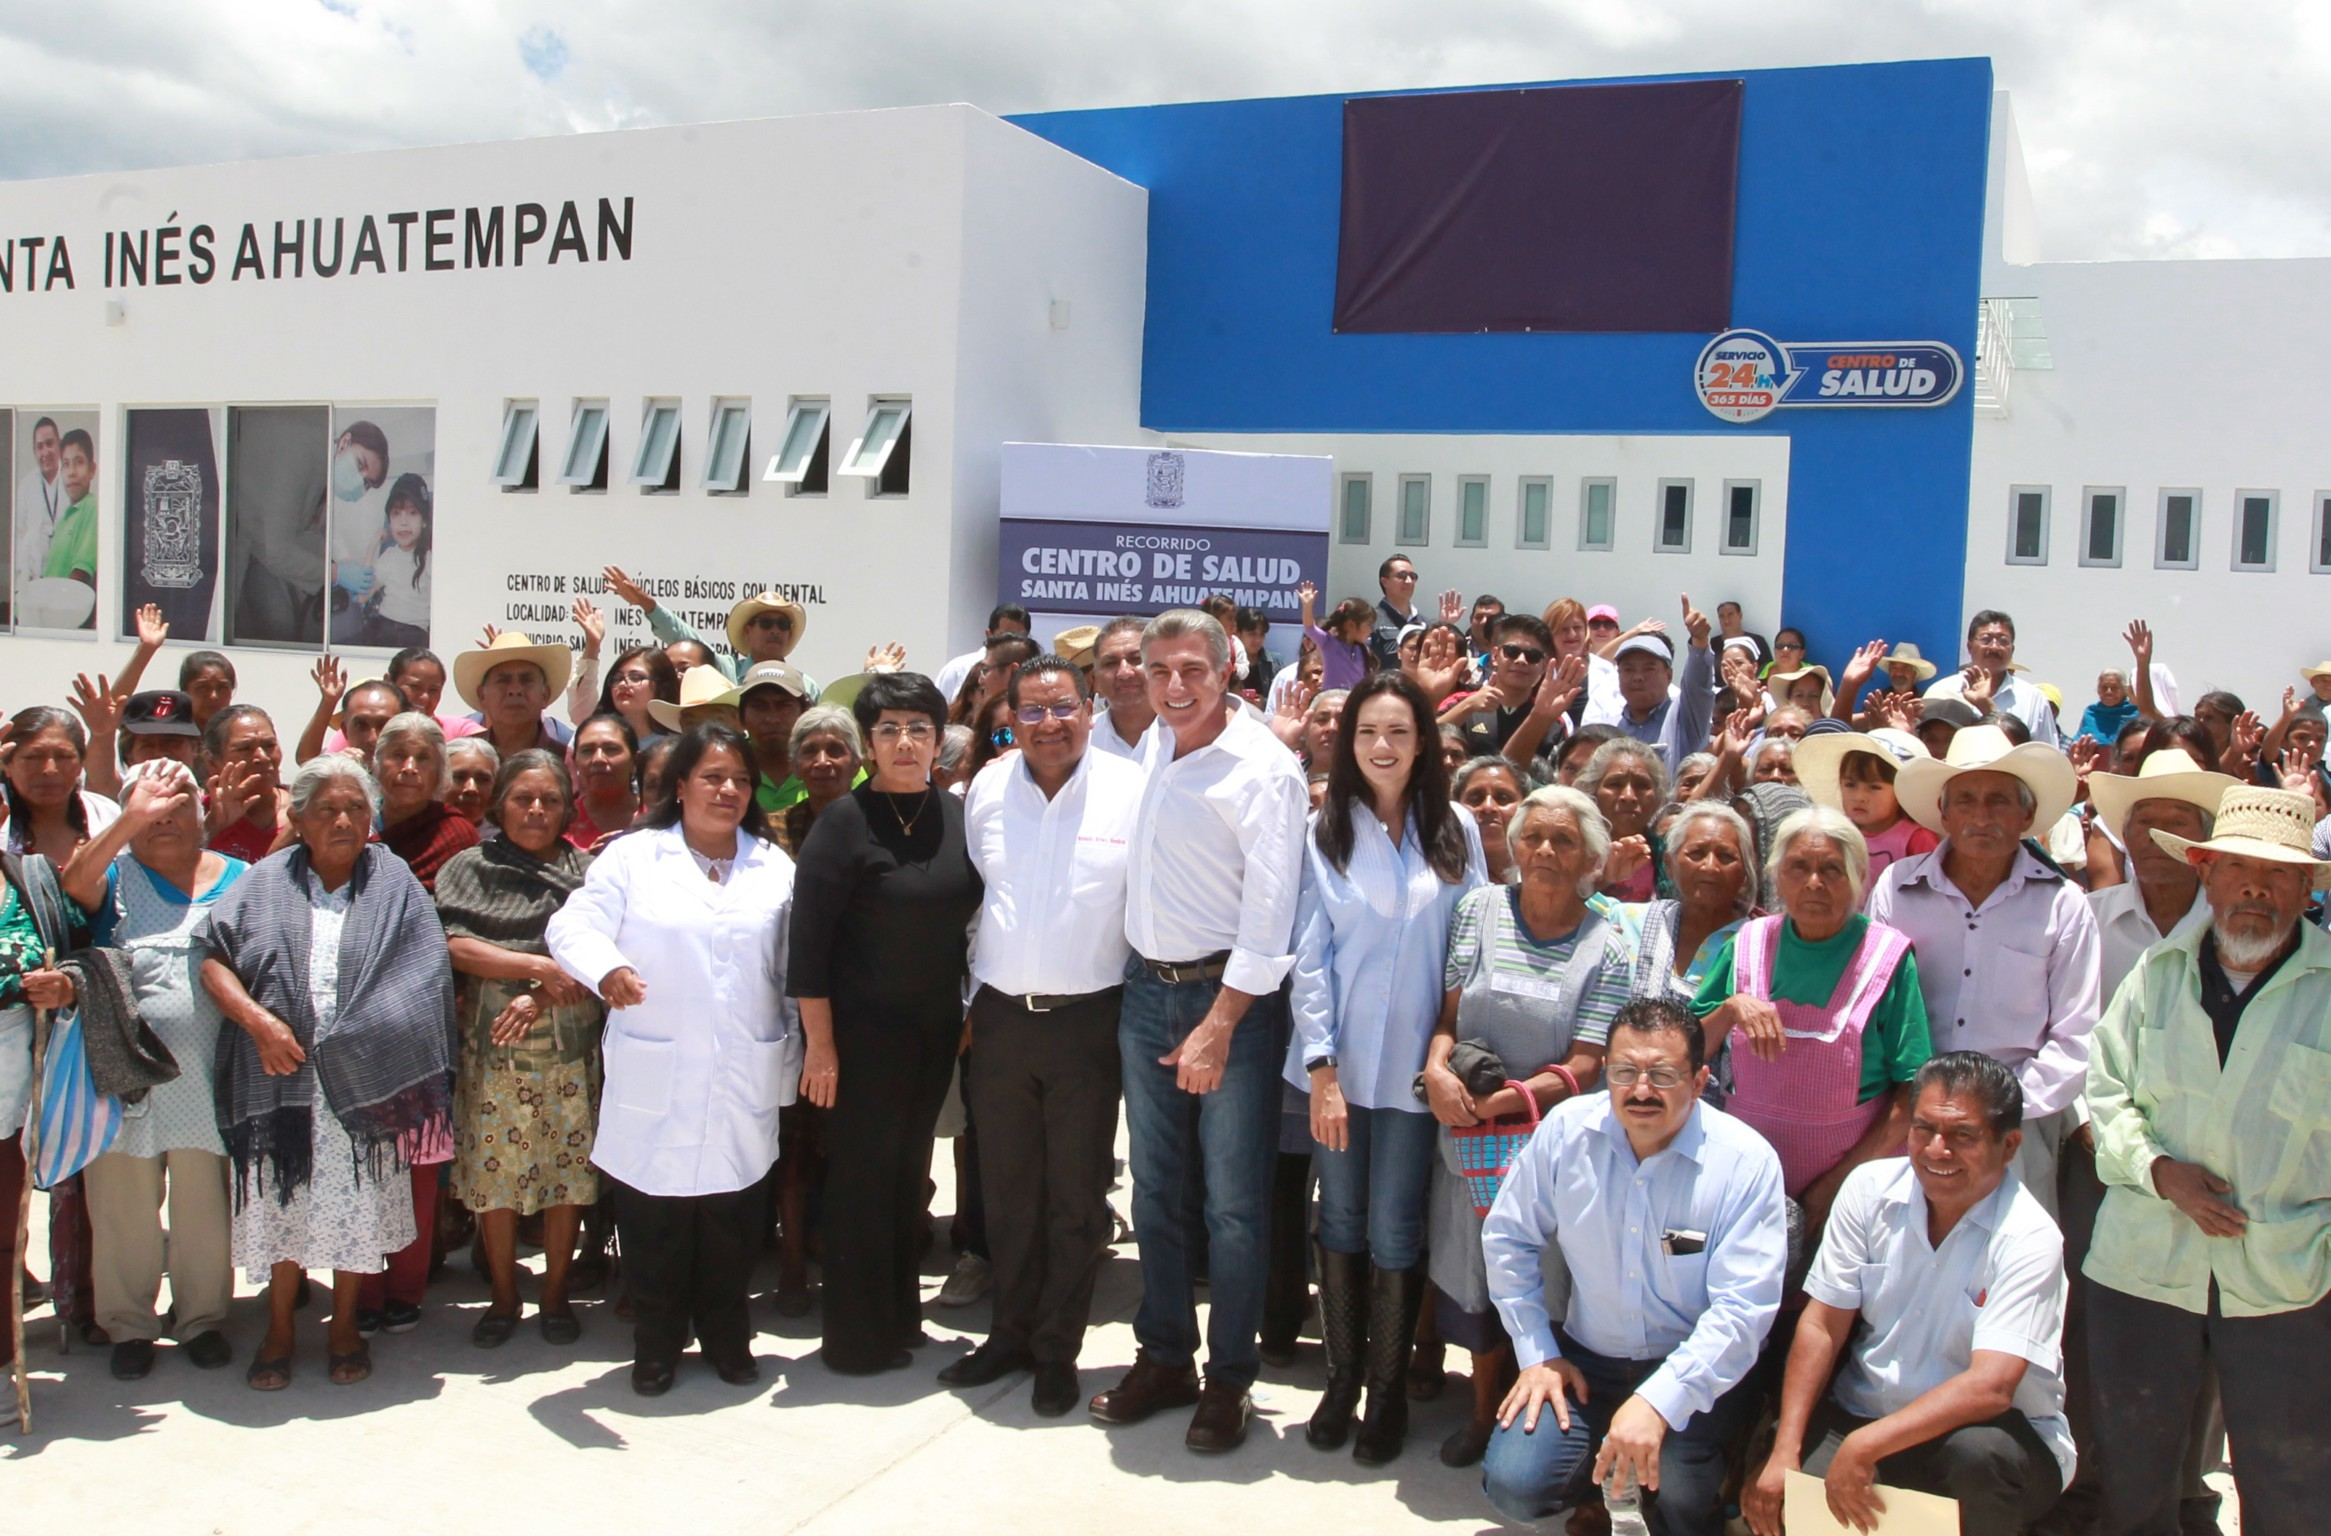 En Ahuatempan nuevo centro de salud que da servicio las 24 horas